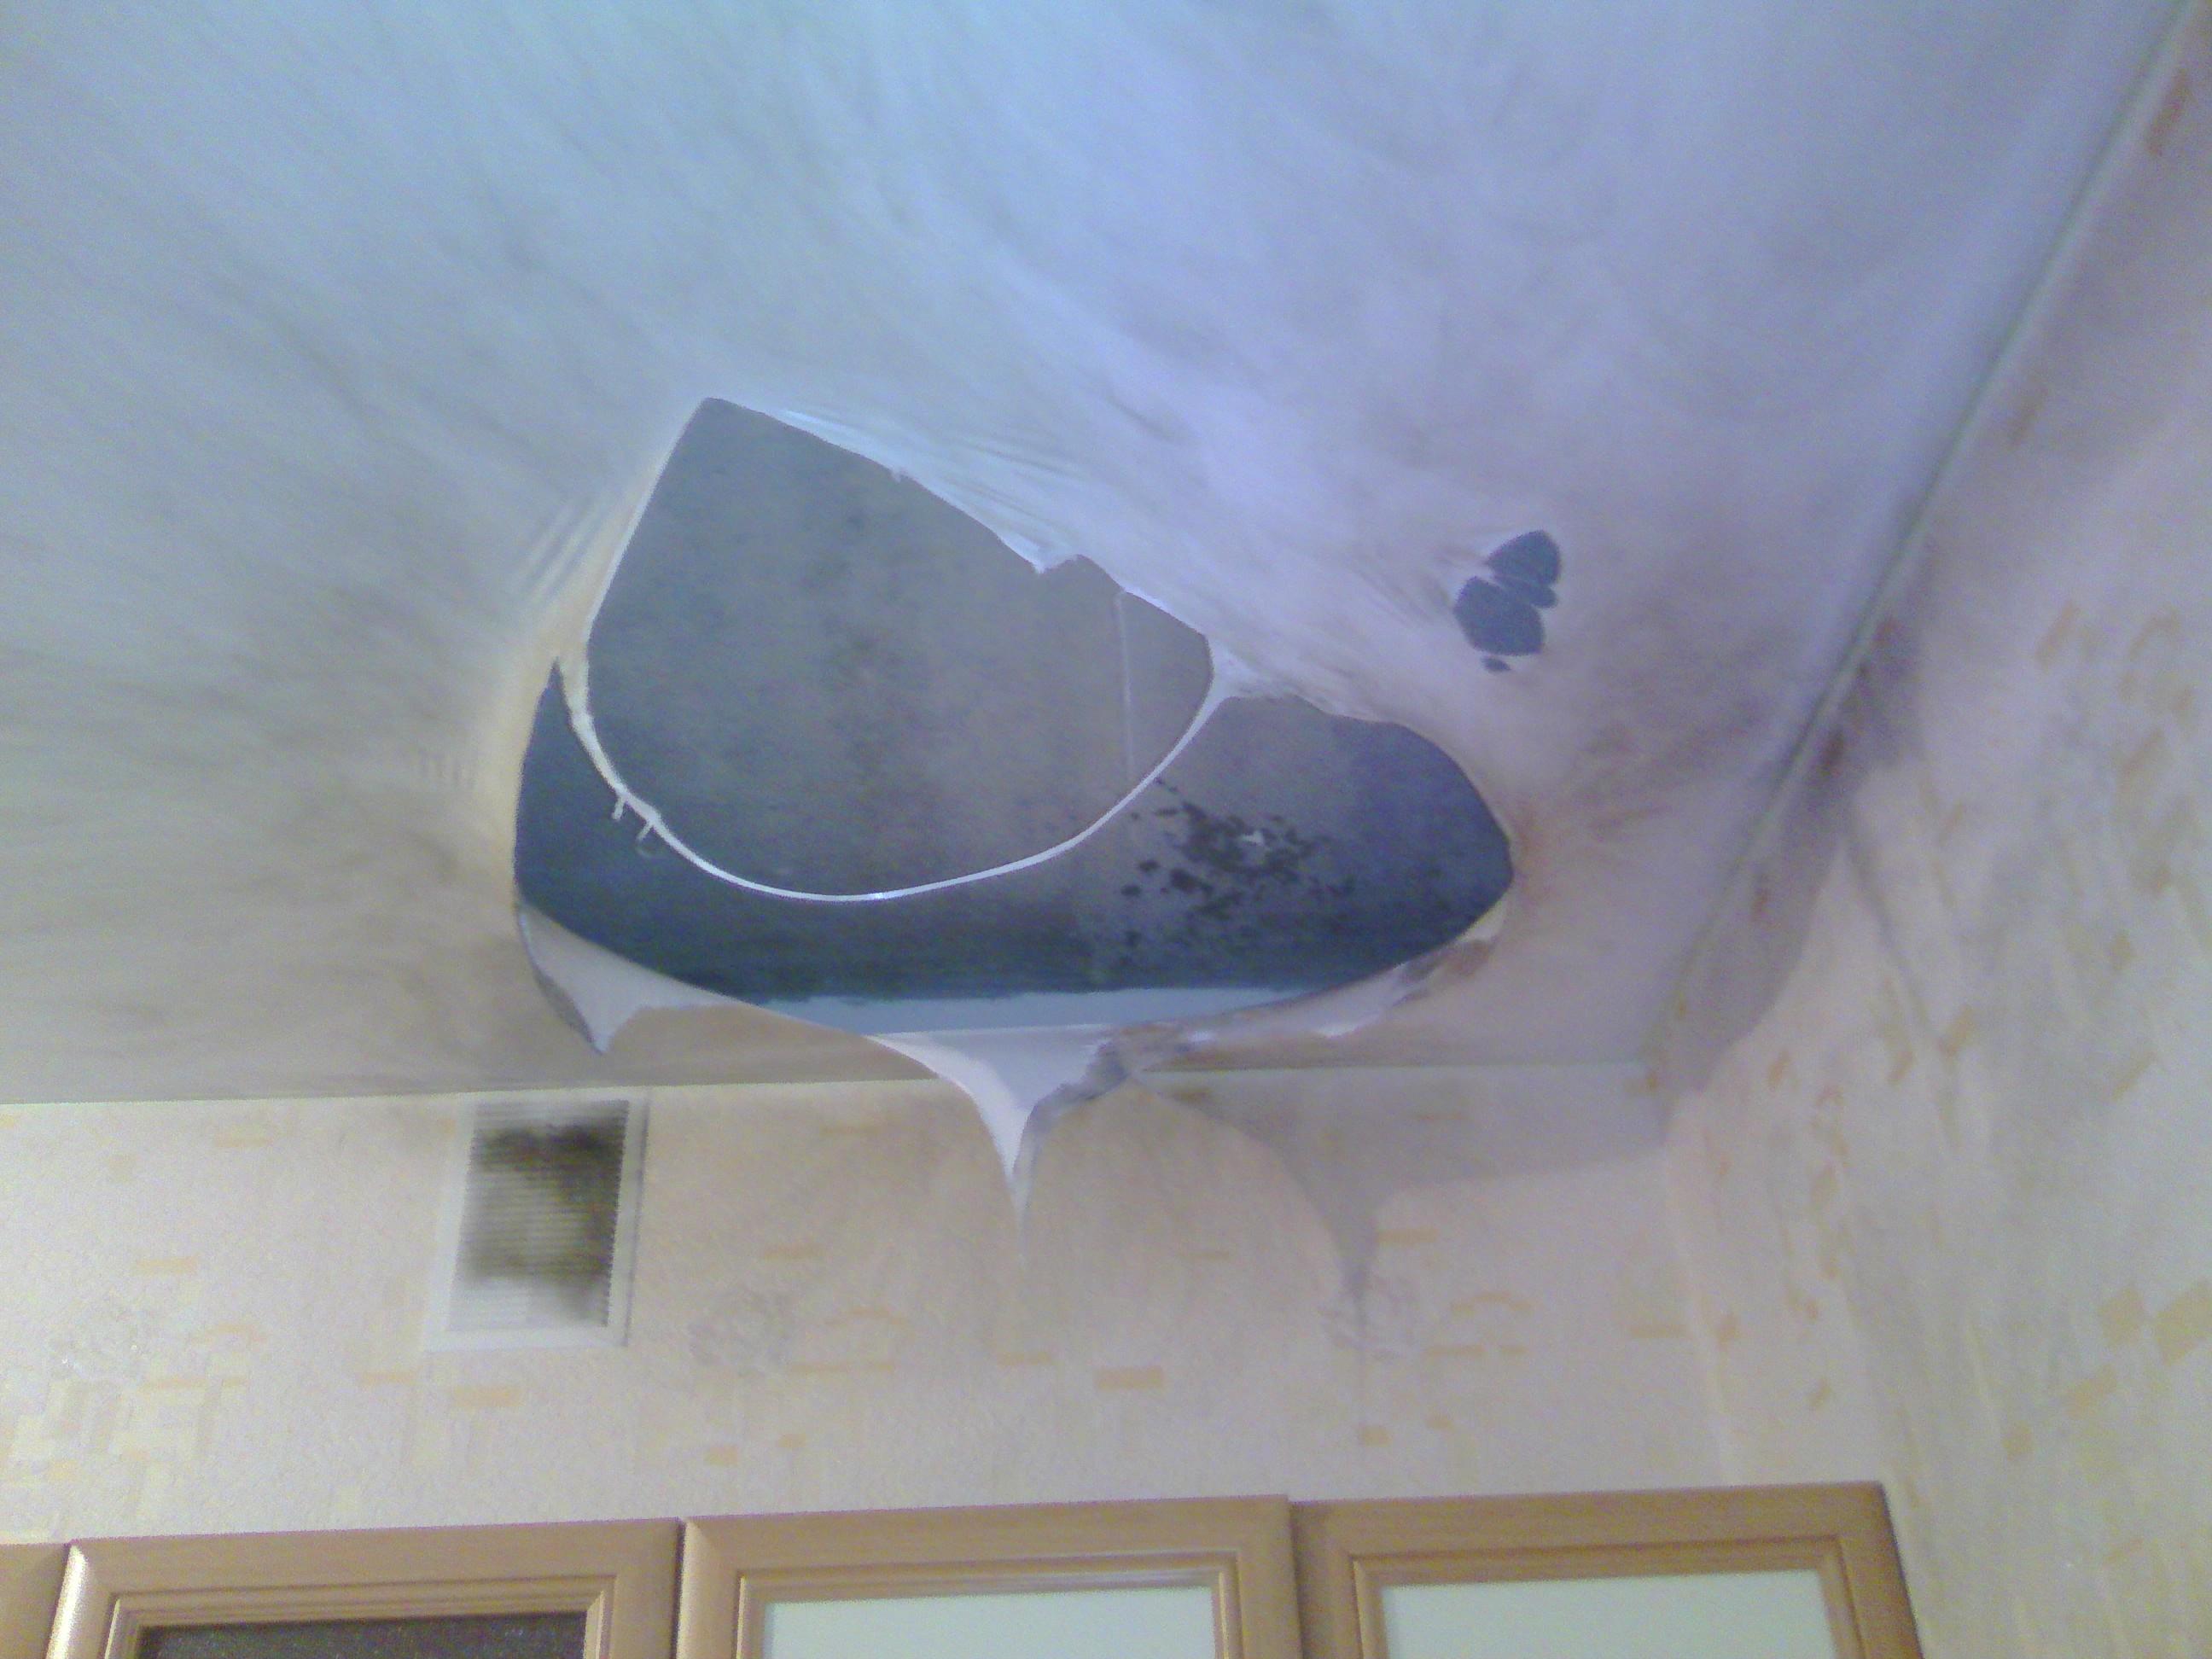 Выбор осветительных приборов для натяжного потолка | Расположение светильников на натяжном потолке